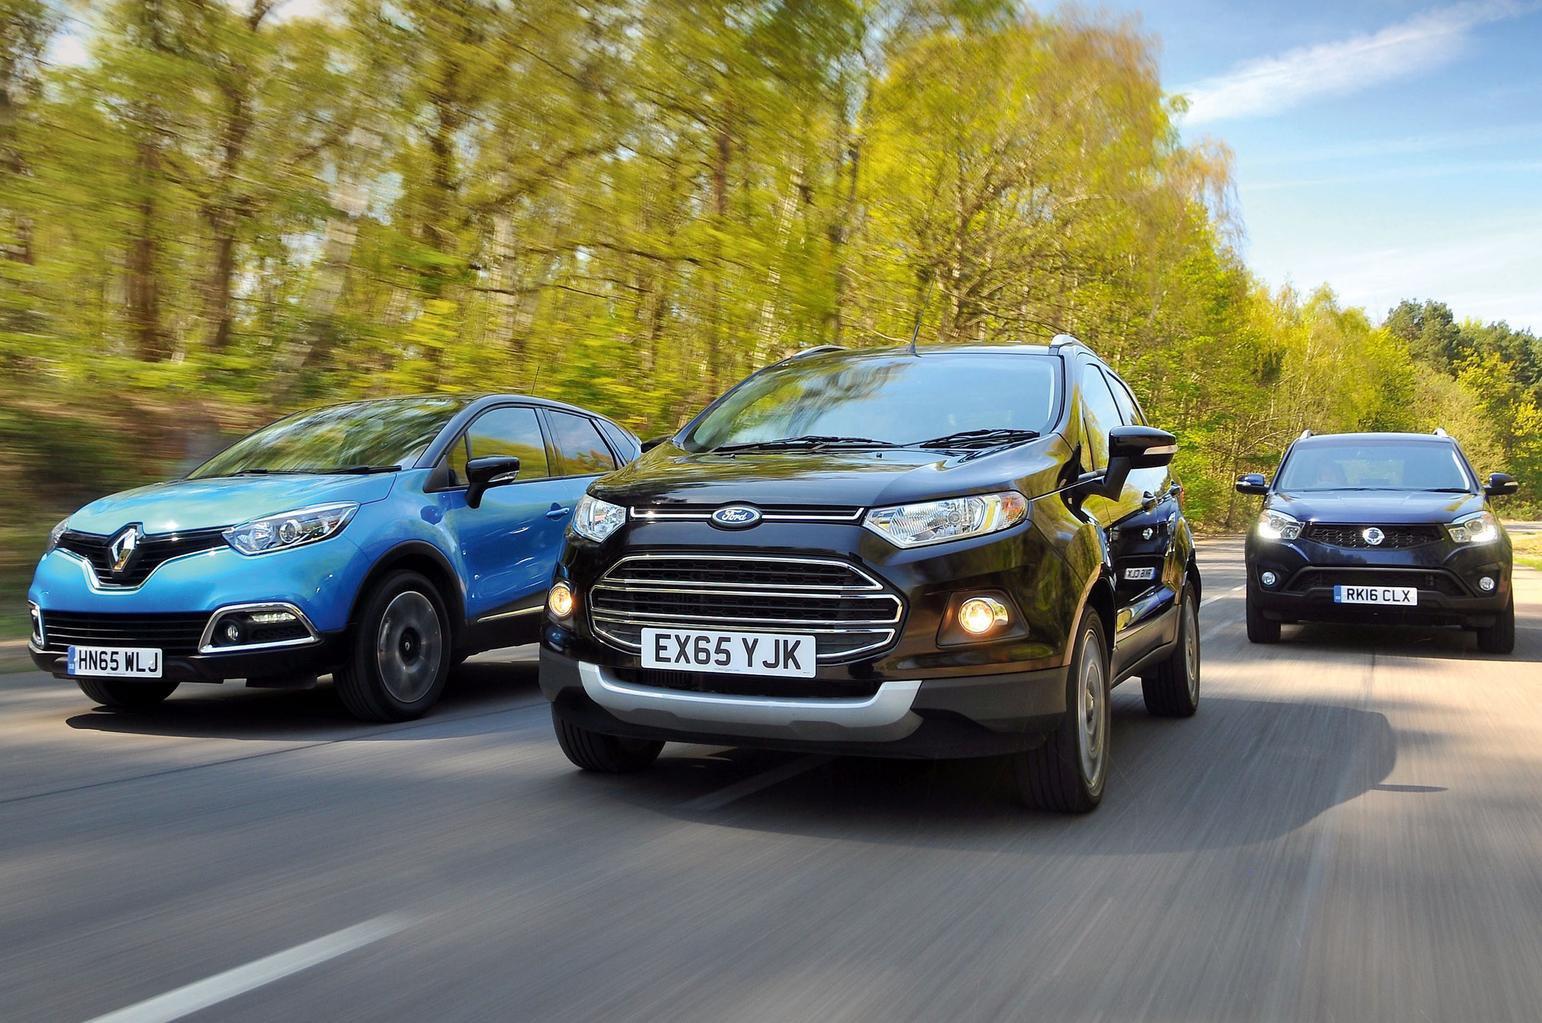 Renault Captur vs Ford Ecosport vs Ssangyong Korando